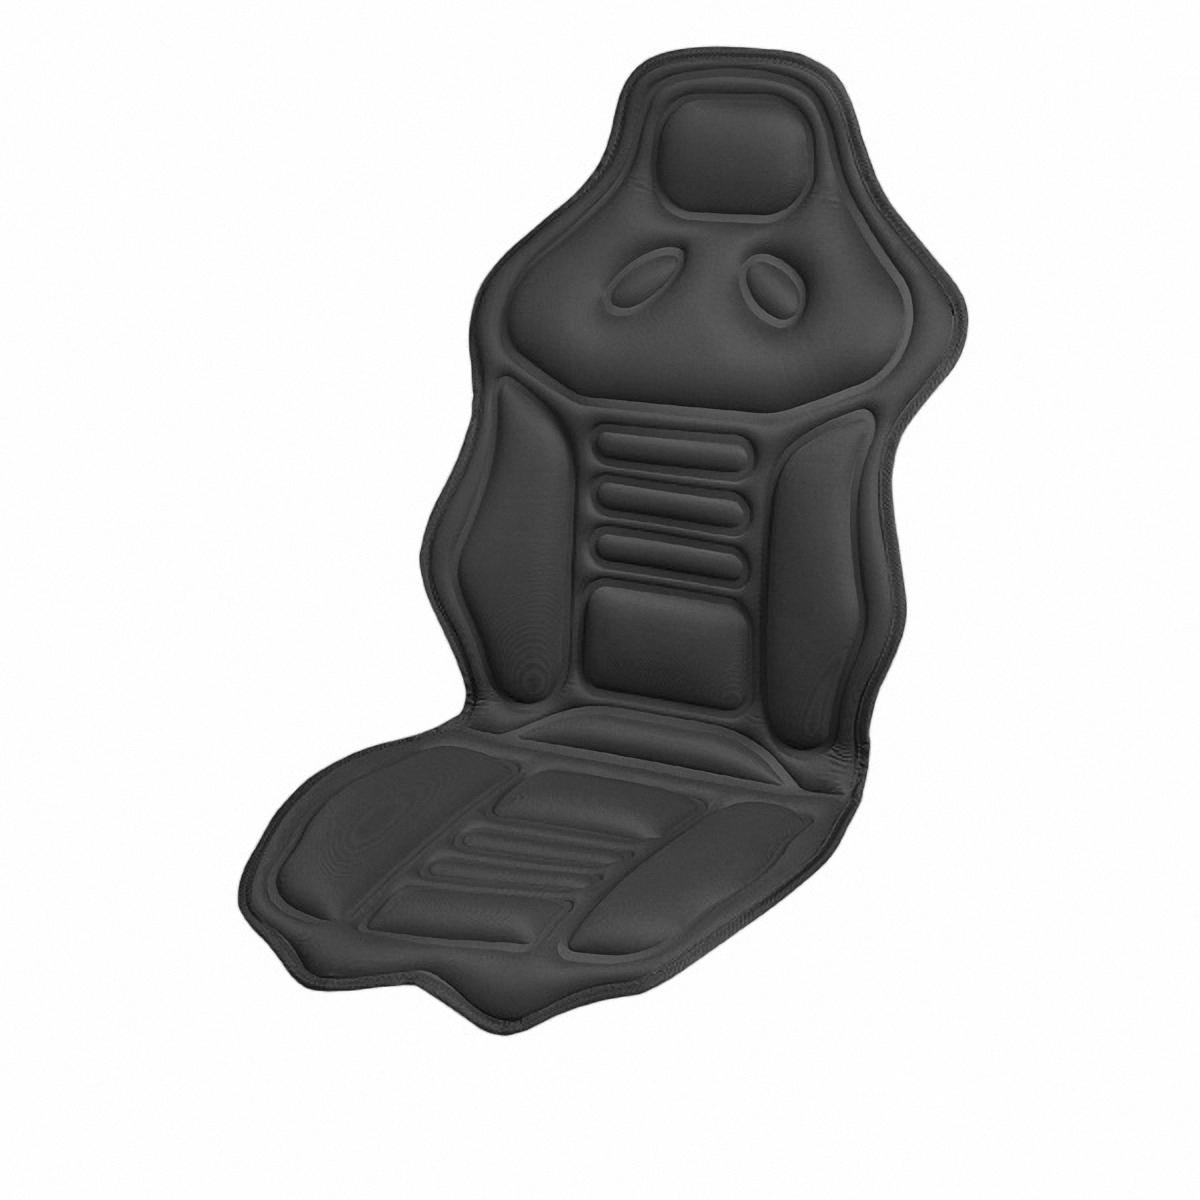 Подогрев для сиденья Skyway, со спинкой. S02201006FS-80423Подогрев сиденья со спинкой с терморегулятором (2 режима) 12V; 2,5А-3А. Подогрев сидения – это сезонный товар и большой популярностью пользуется в осенне-зимний период. ТМ SKYWAY предлагает наружные подогревы сидений, изготовленные в виде накидки на автомобильное кресло. Преимущество наружных подогревов в простоте установки. Они крепятся ремнями к креслу автомобиля и подключаются к бортовой сети через гнездо прикуривателя.